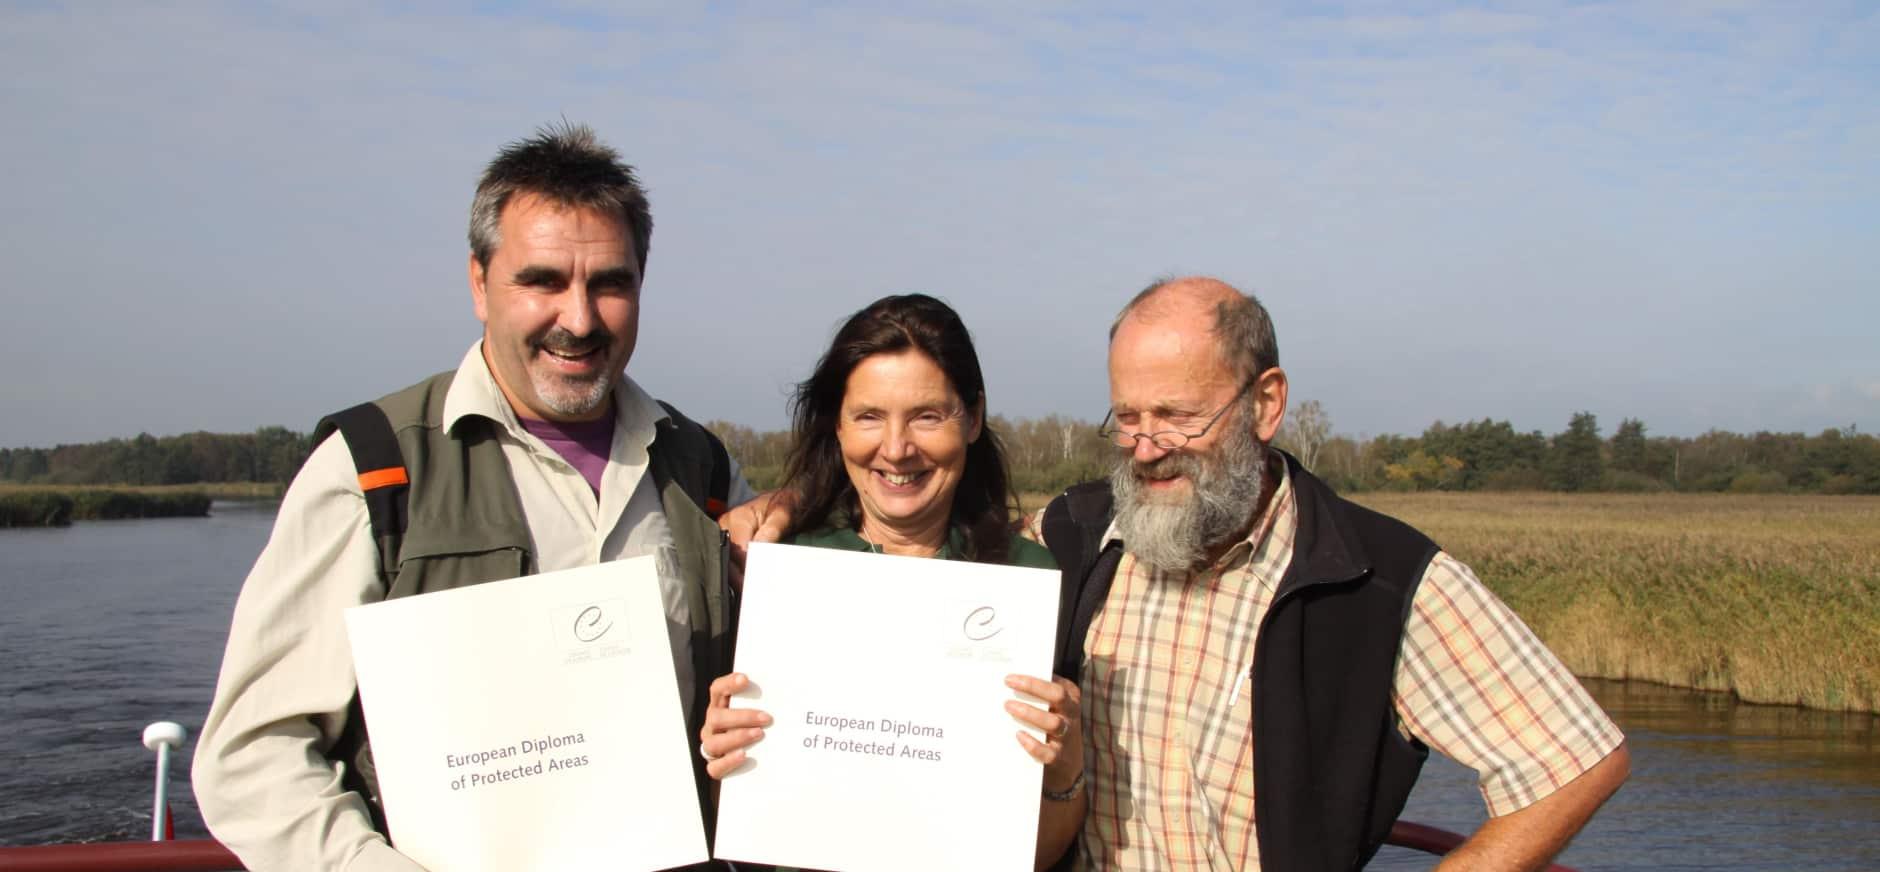 Opnieuw Europees Diploma voor De Wieden